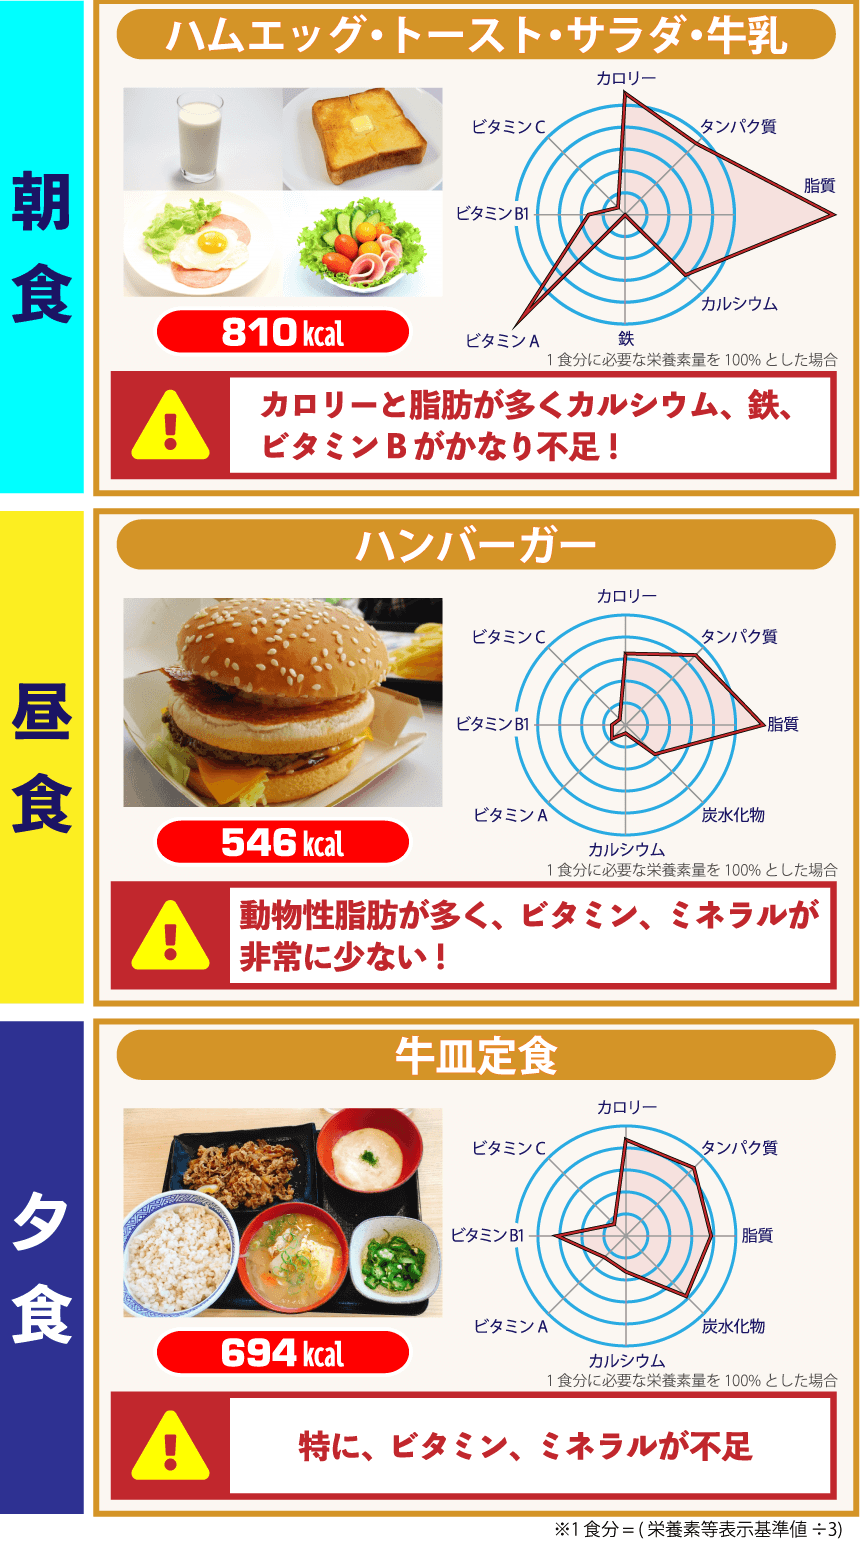 代表的な外食例